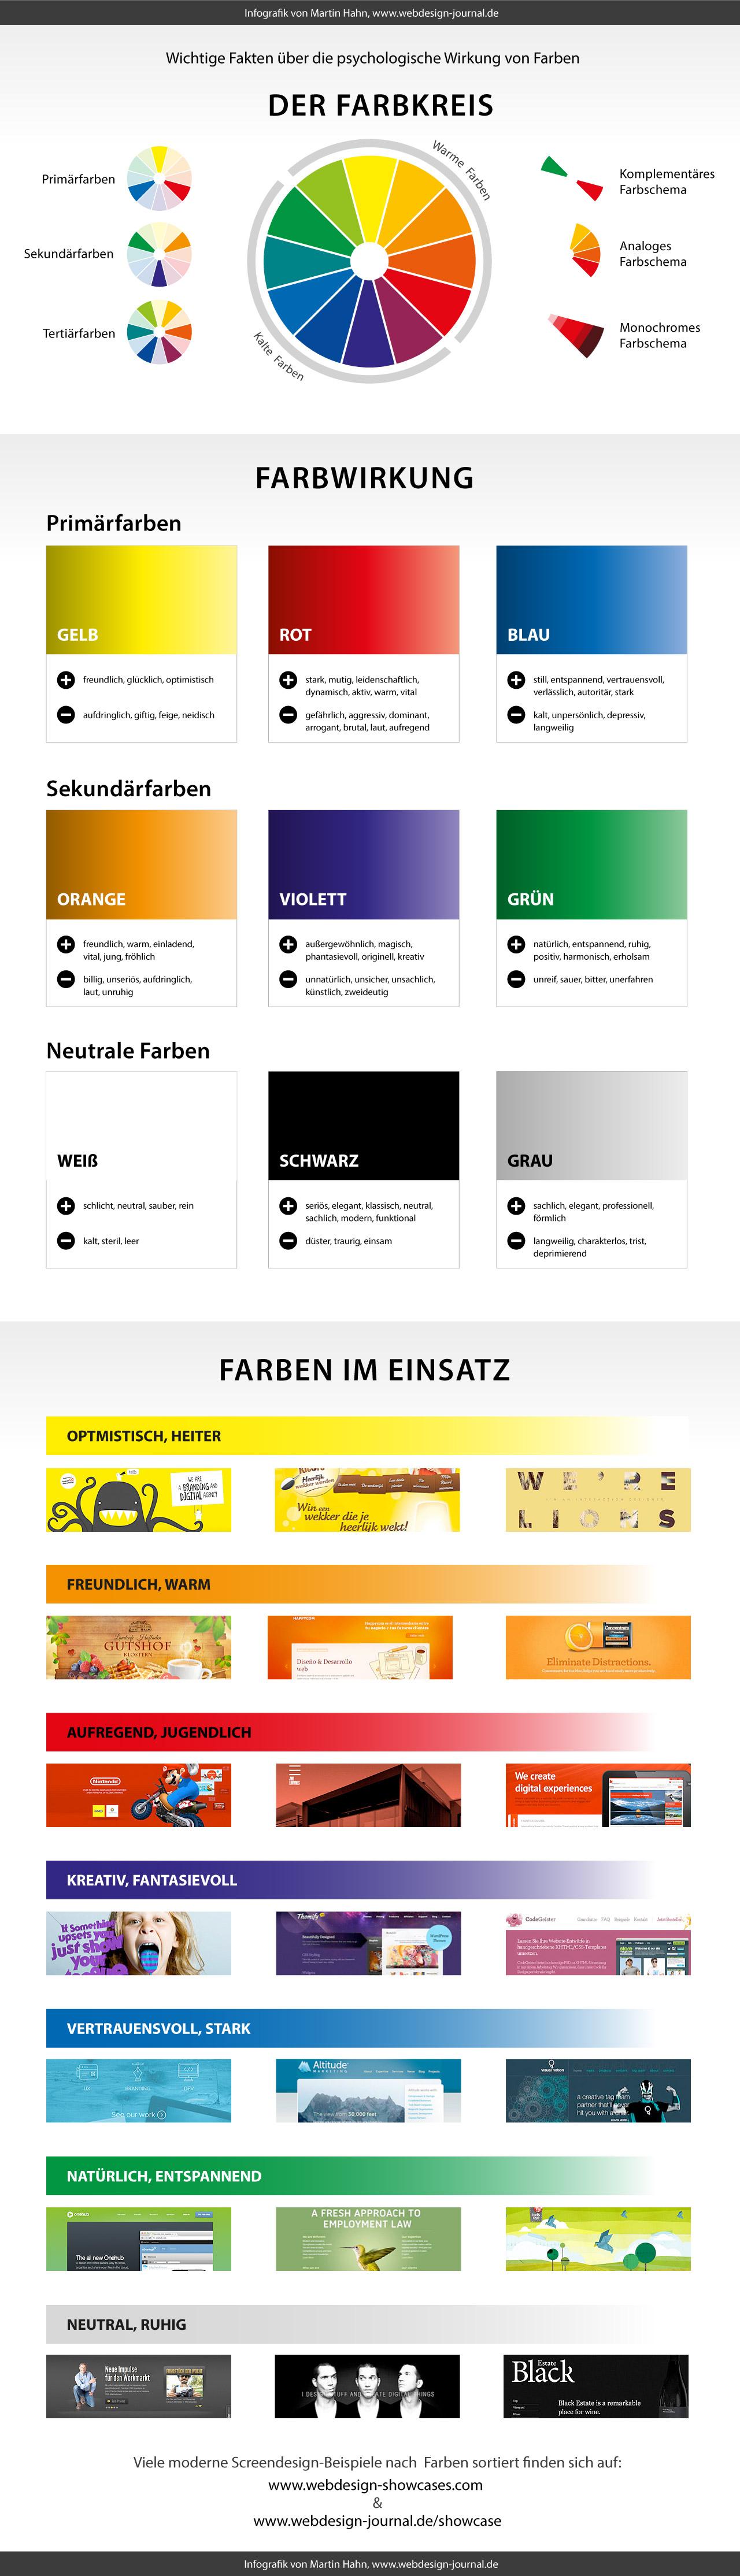 fakten ber die psychologische wirkung von farben farbkombinationen webdesign journal. Black Bedroom Furniture Sets. Home Design Ideas